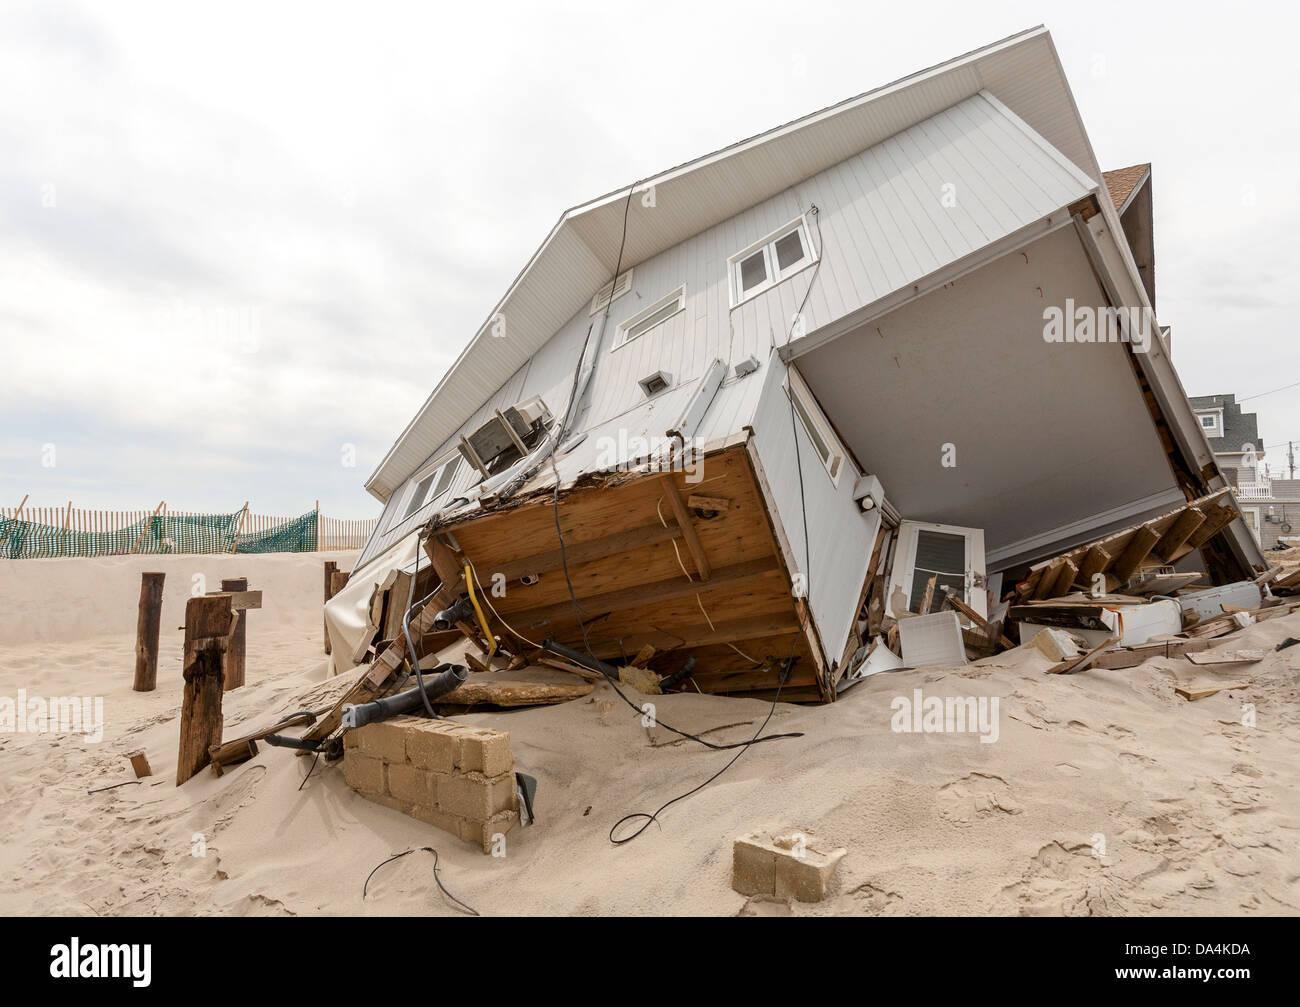 Ein Orkan hinterlässt eine Schneise der Zerstörung zerstören Häuser und Häuser. Stockbild